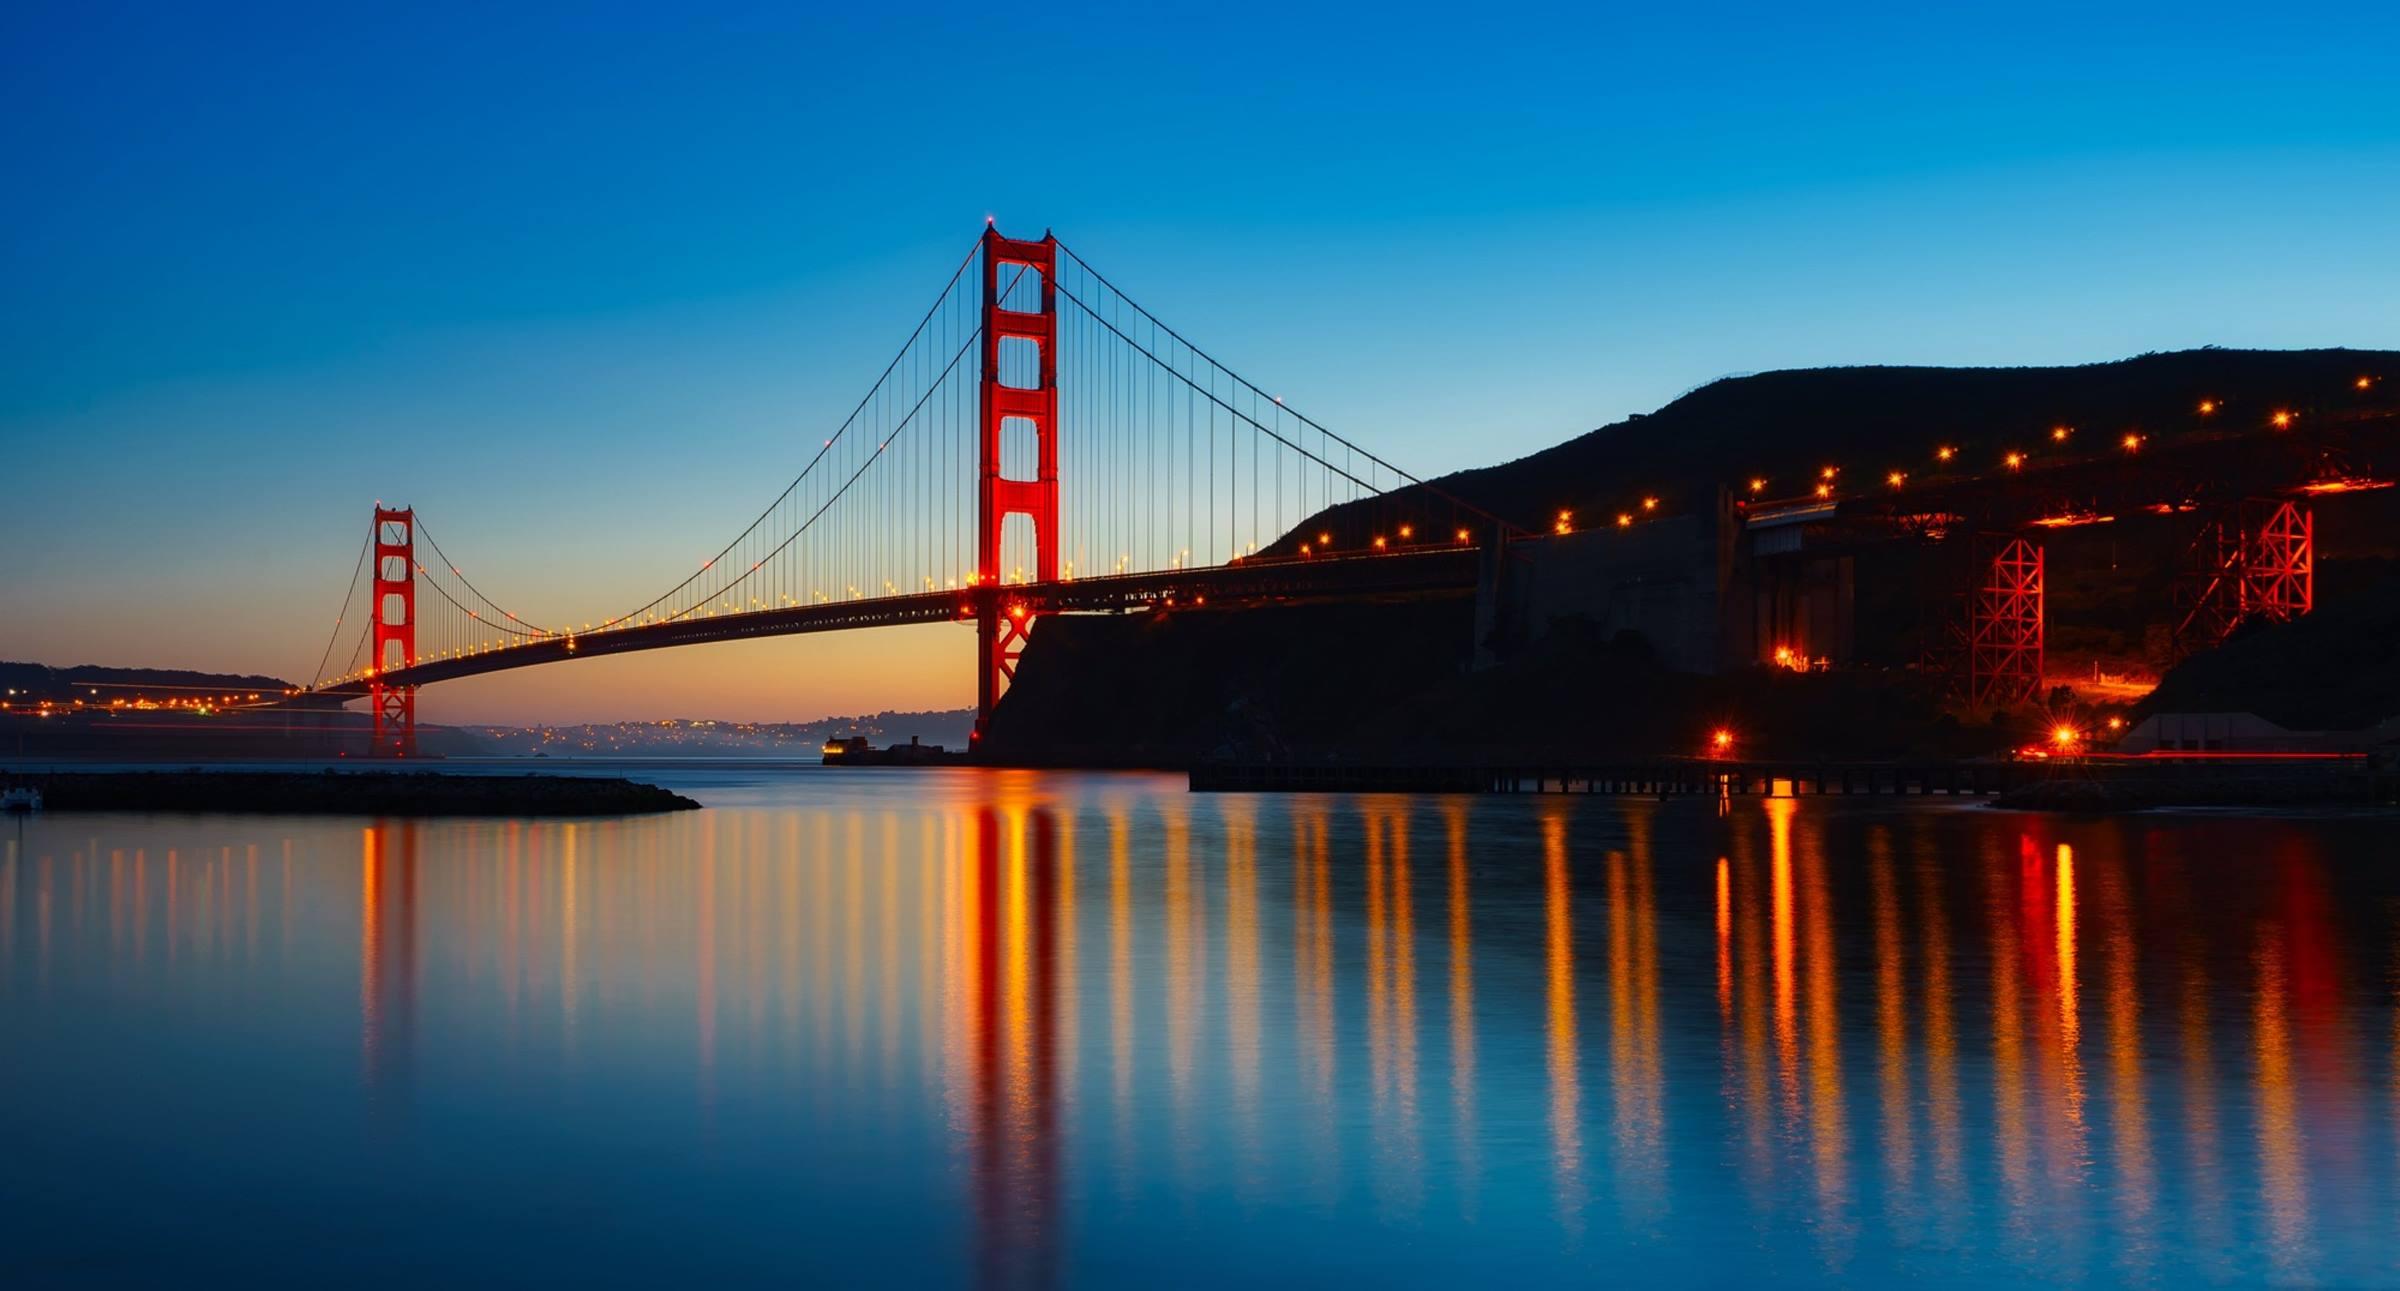 san francisco california golden gate bridge night relection